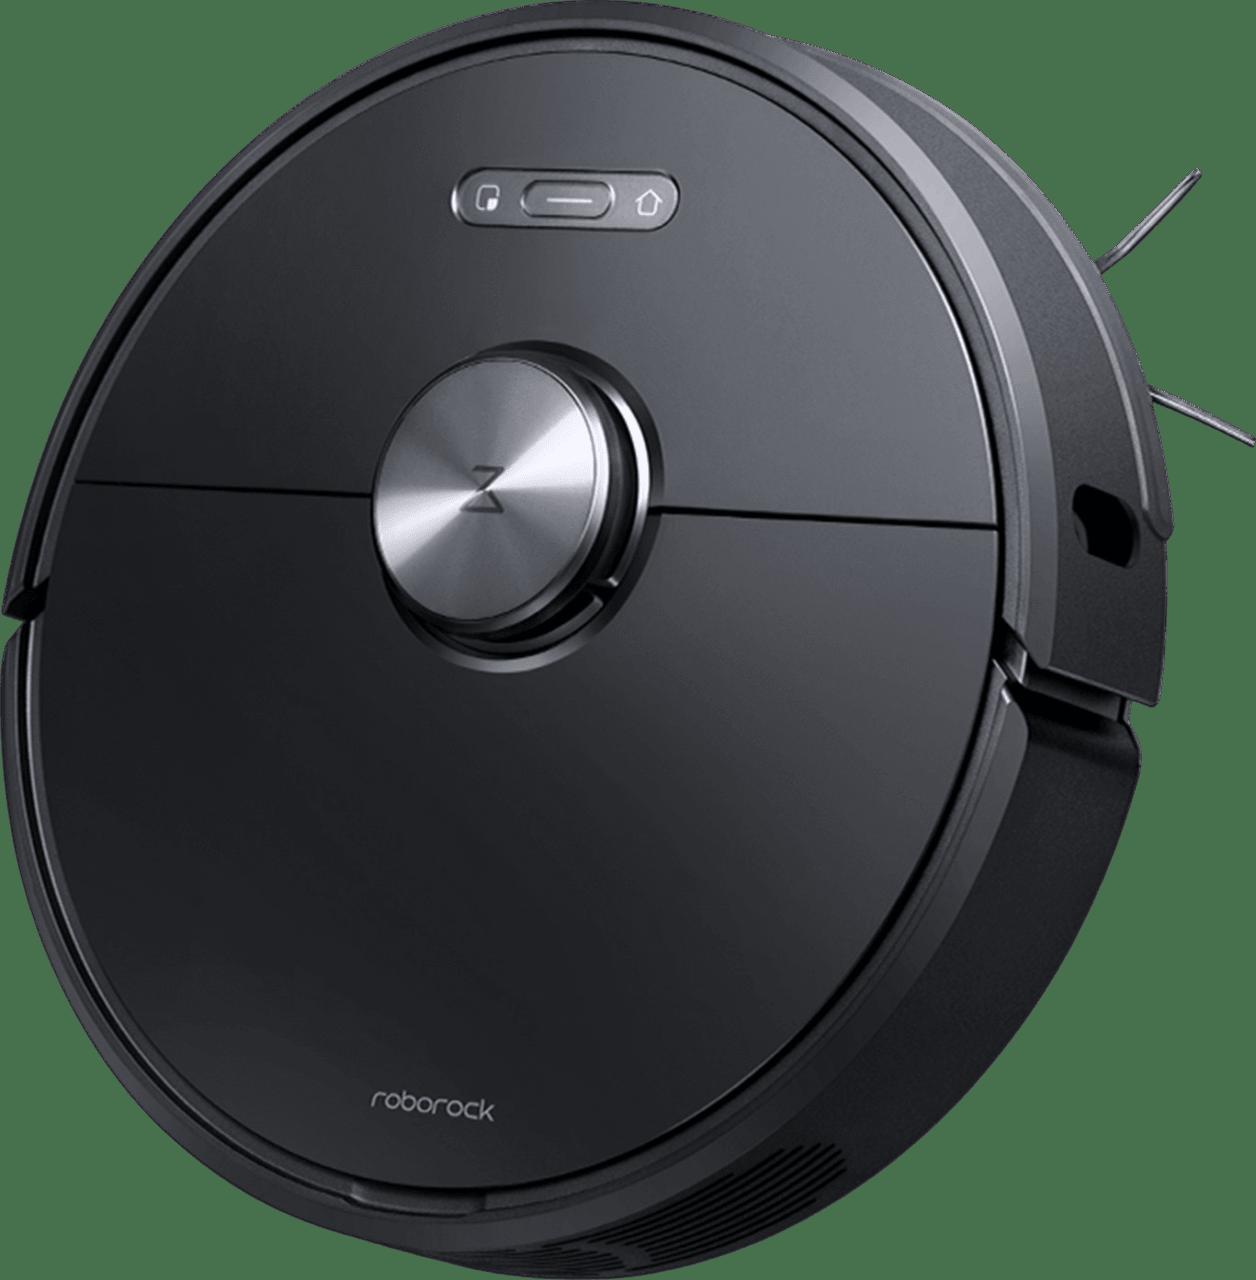 Black Xiaomi Mi Roborock S6 Vacuum & Mop Robot Cleaner.1